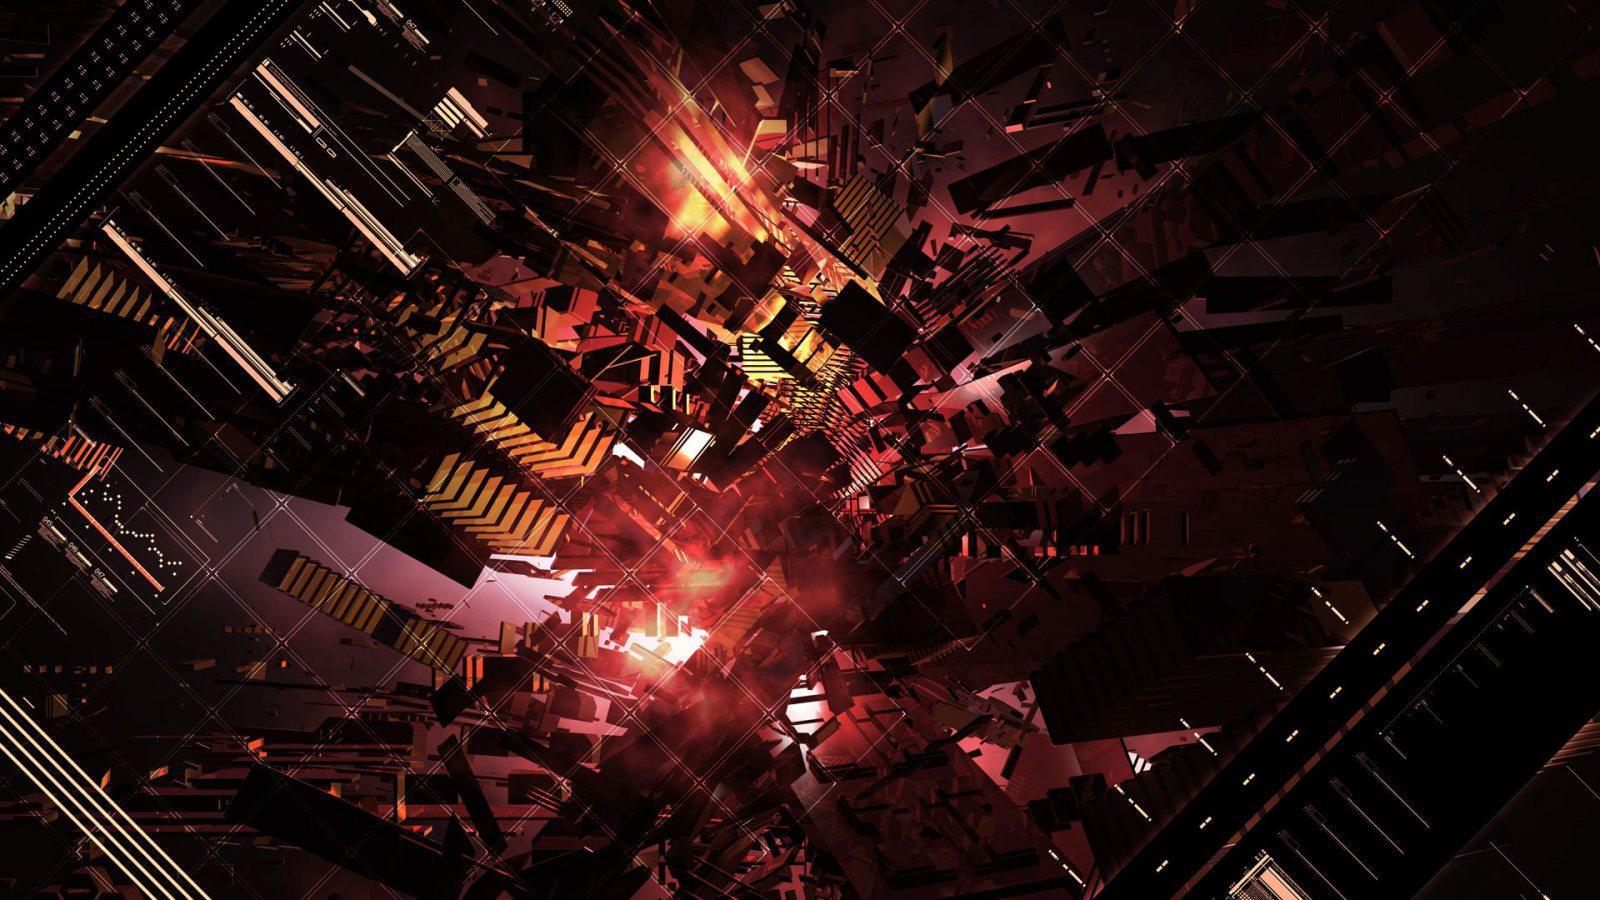 Abyss HD Wallpaper 1600x900